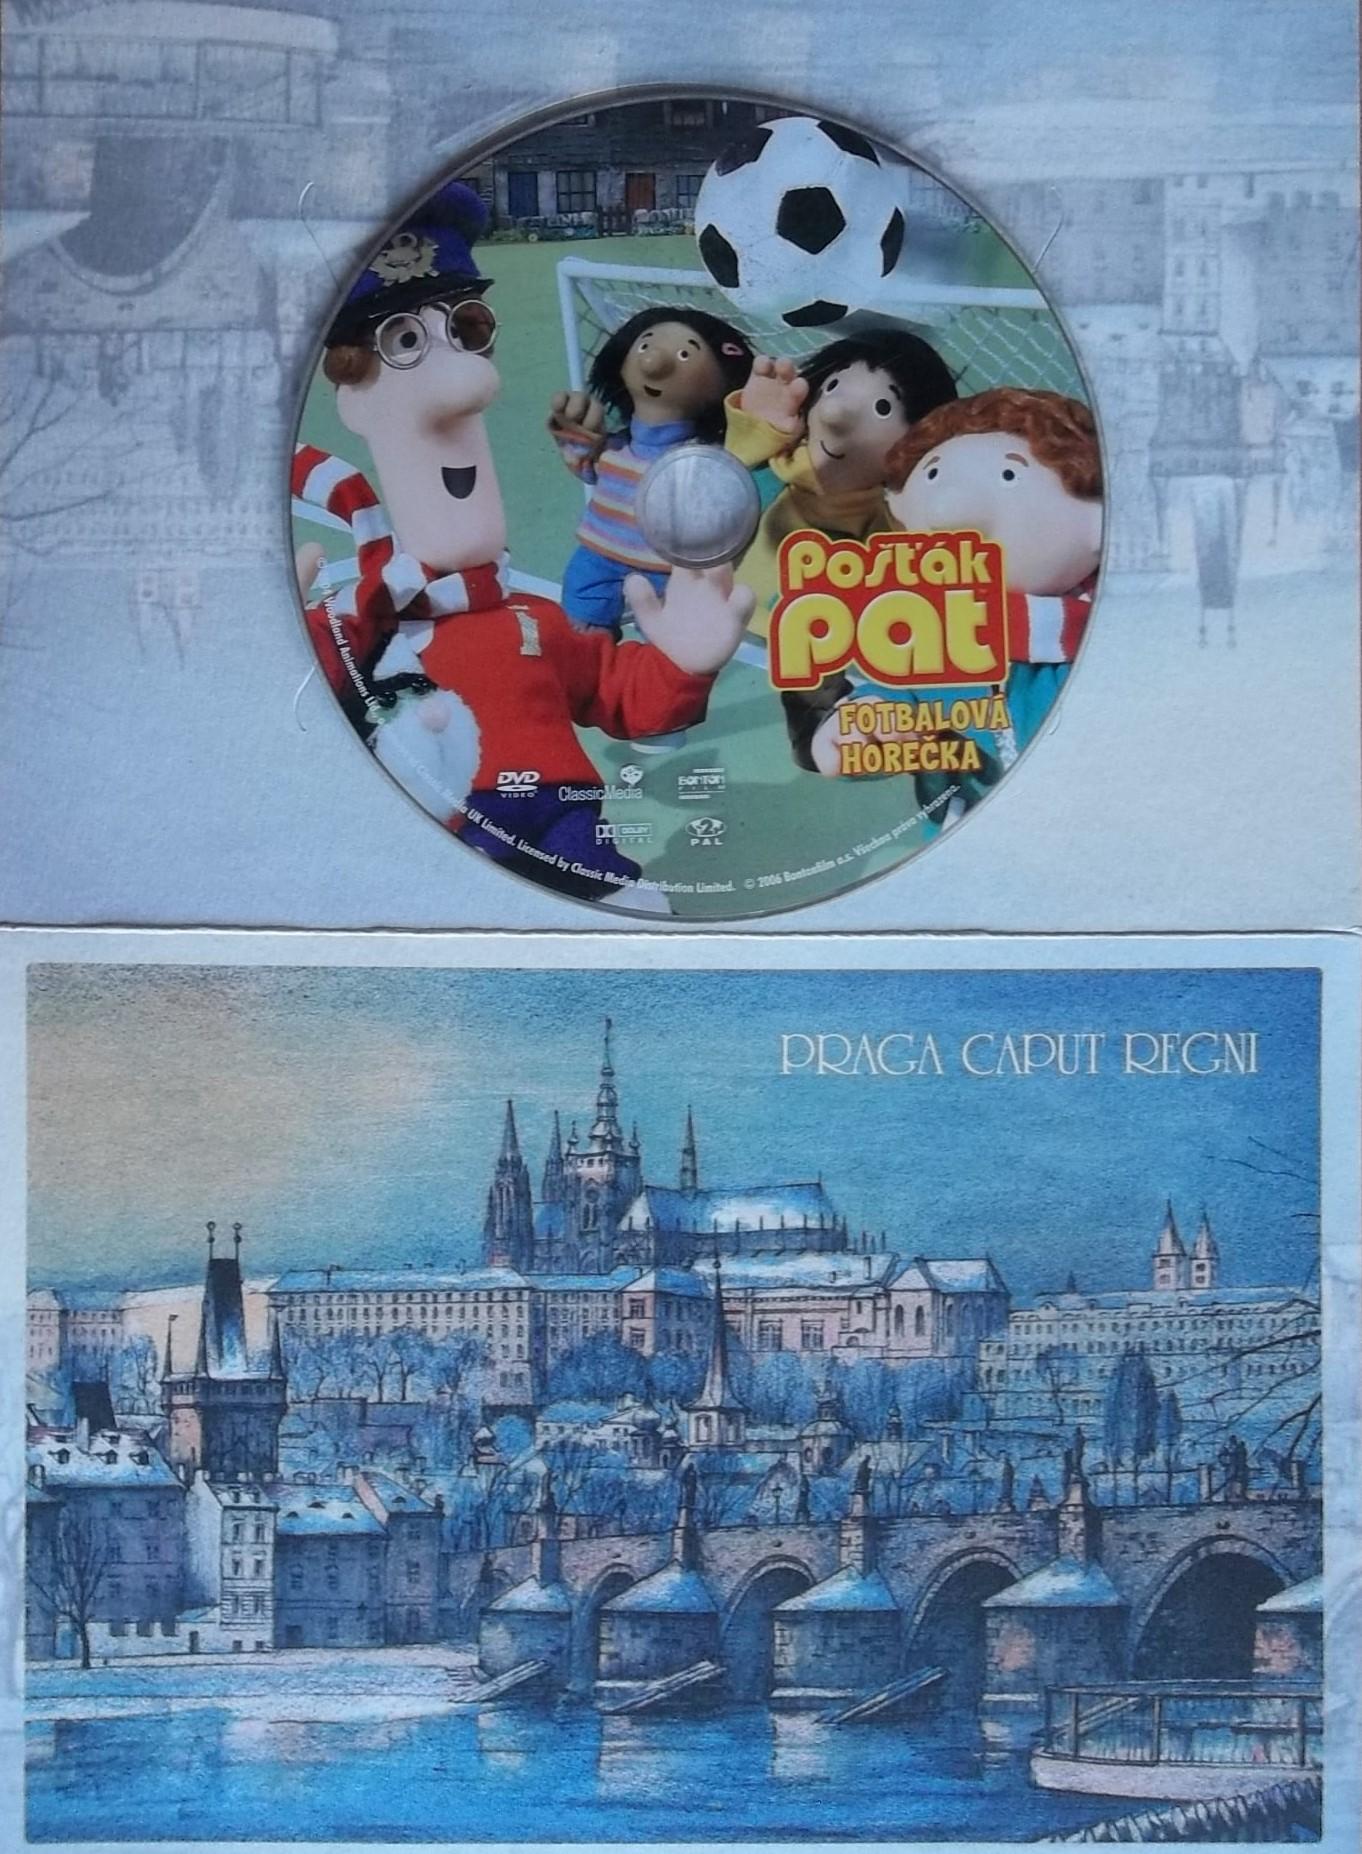 Pošťák Pat - Fotbalová horečka (dárková obálka) - DVD